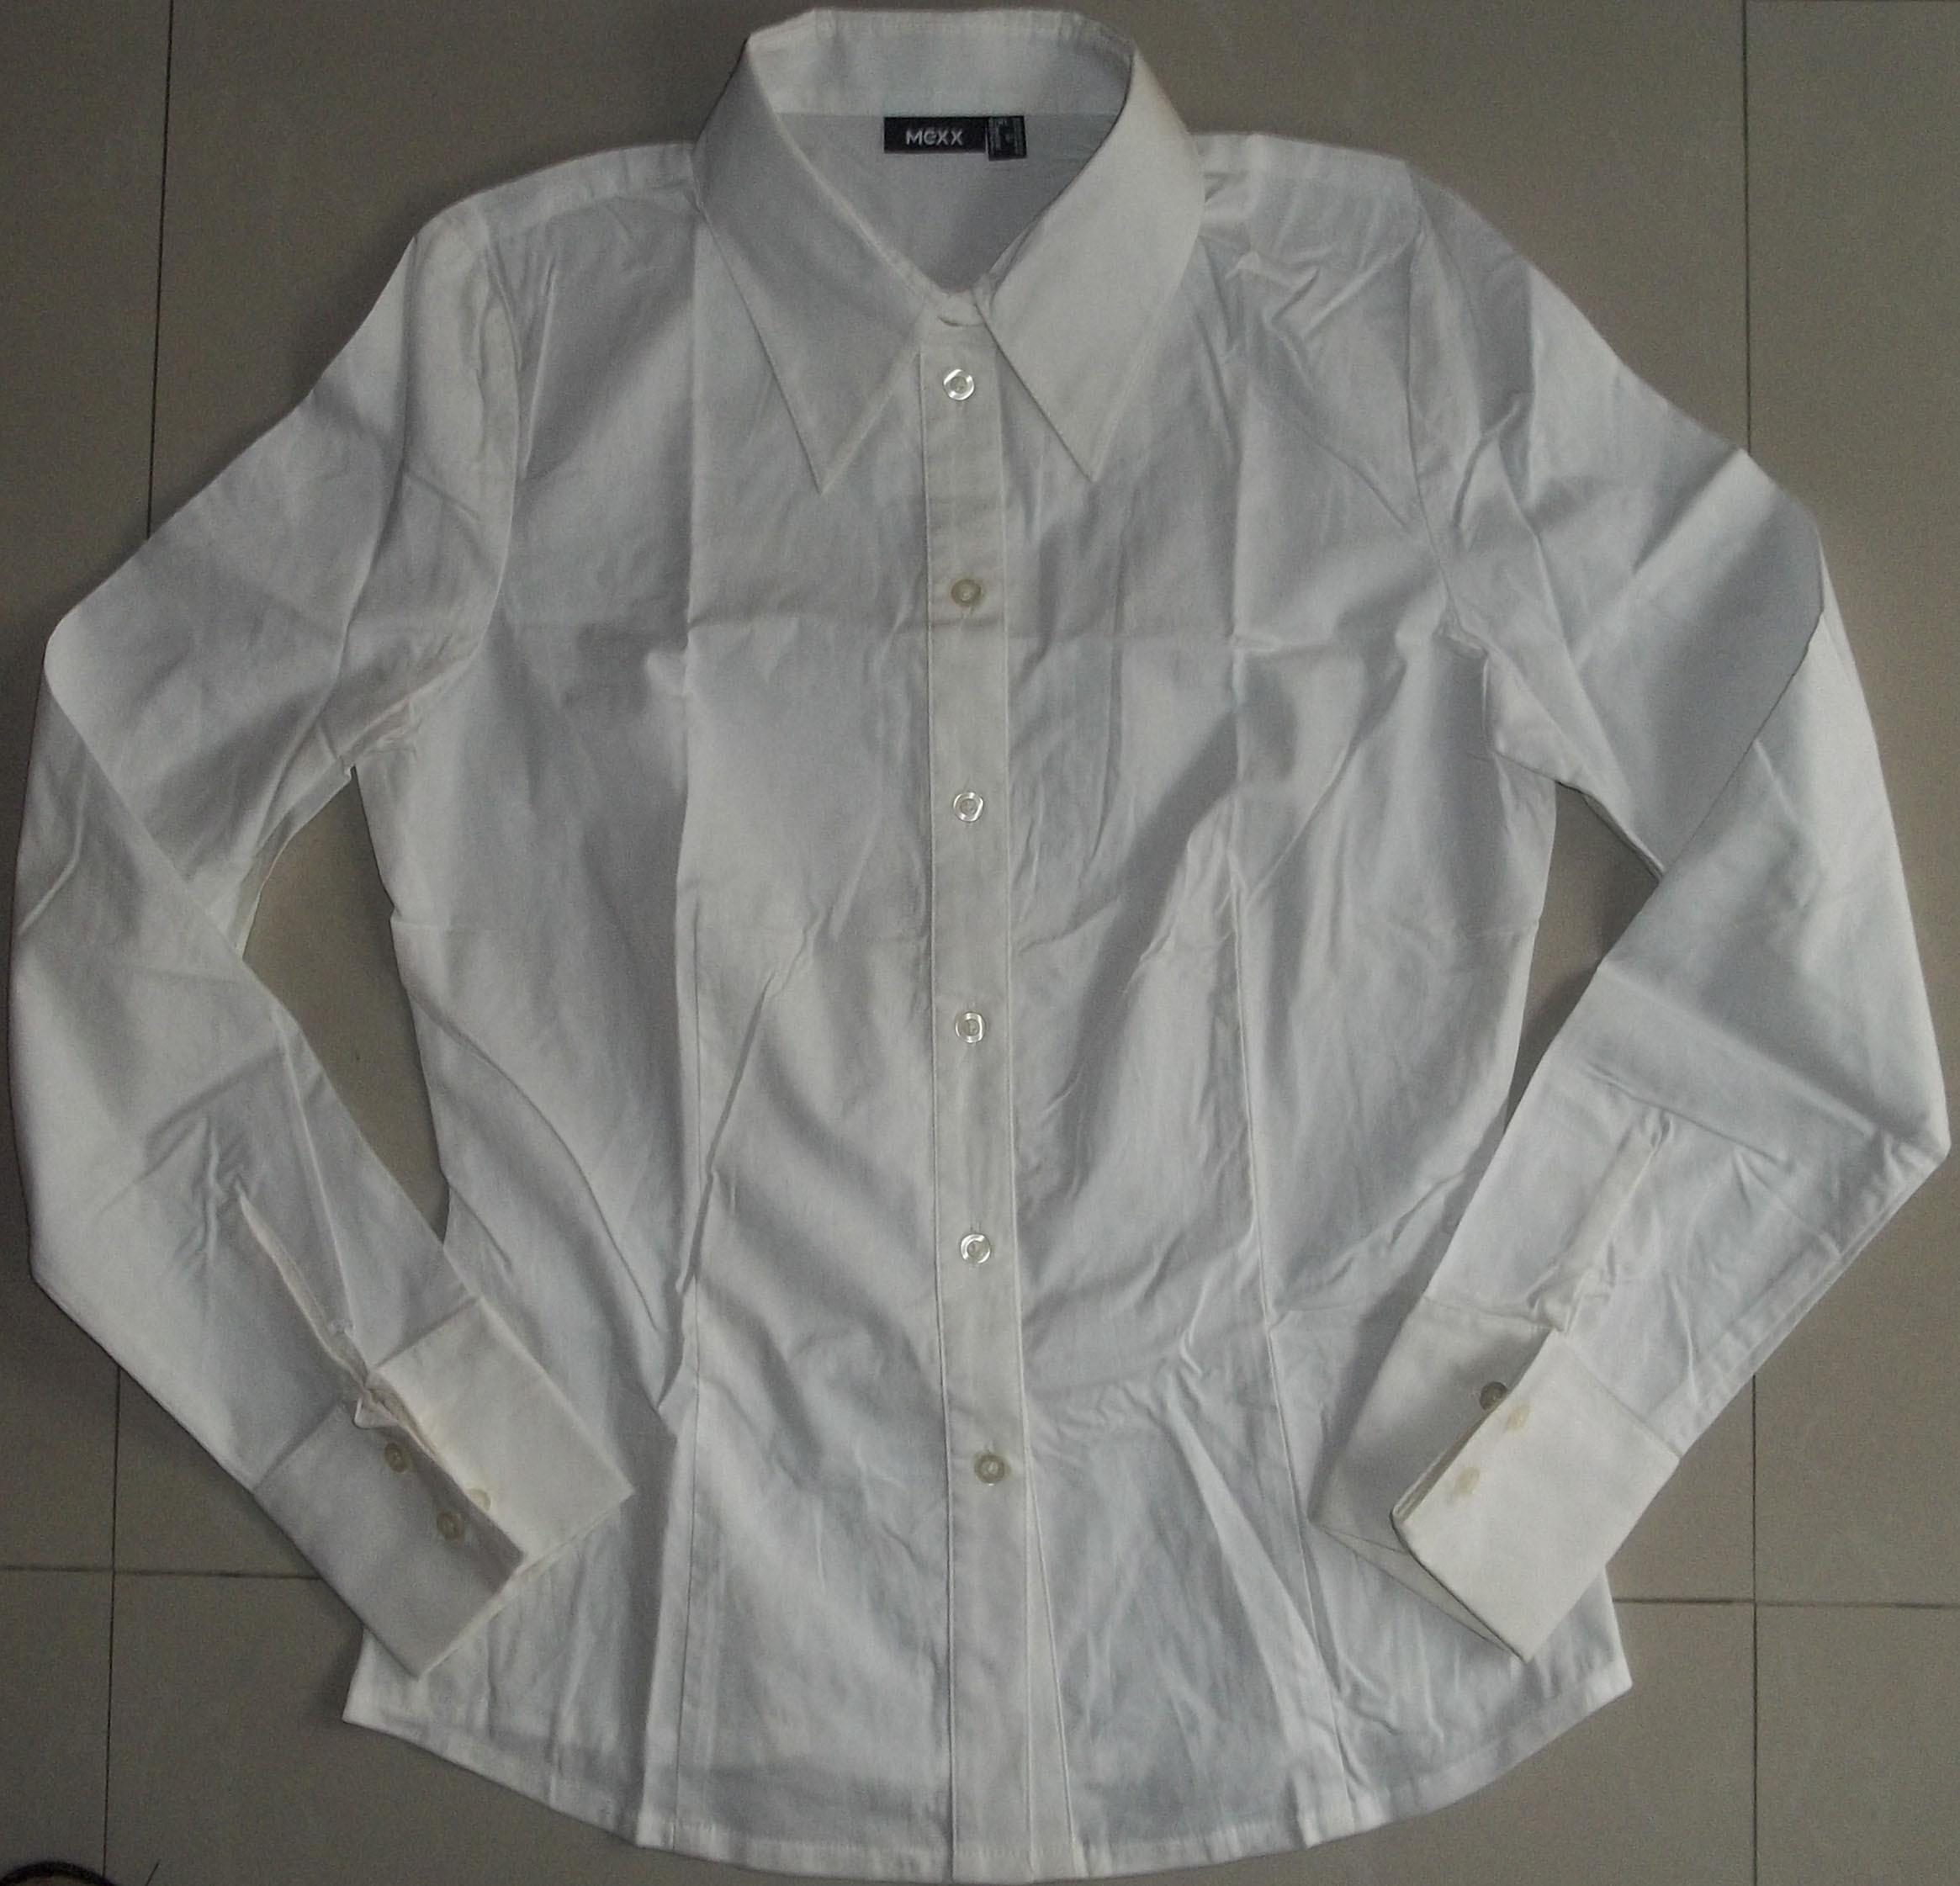 женская рубашка Mexx 100_1375 Городской стиль Длинный рукав Однотонный цвет